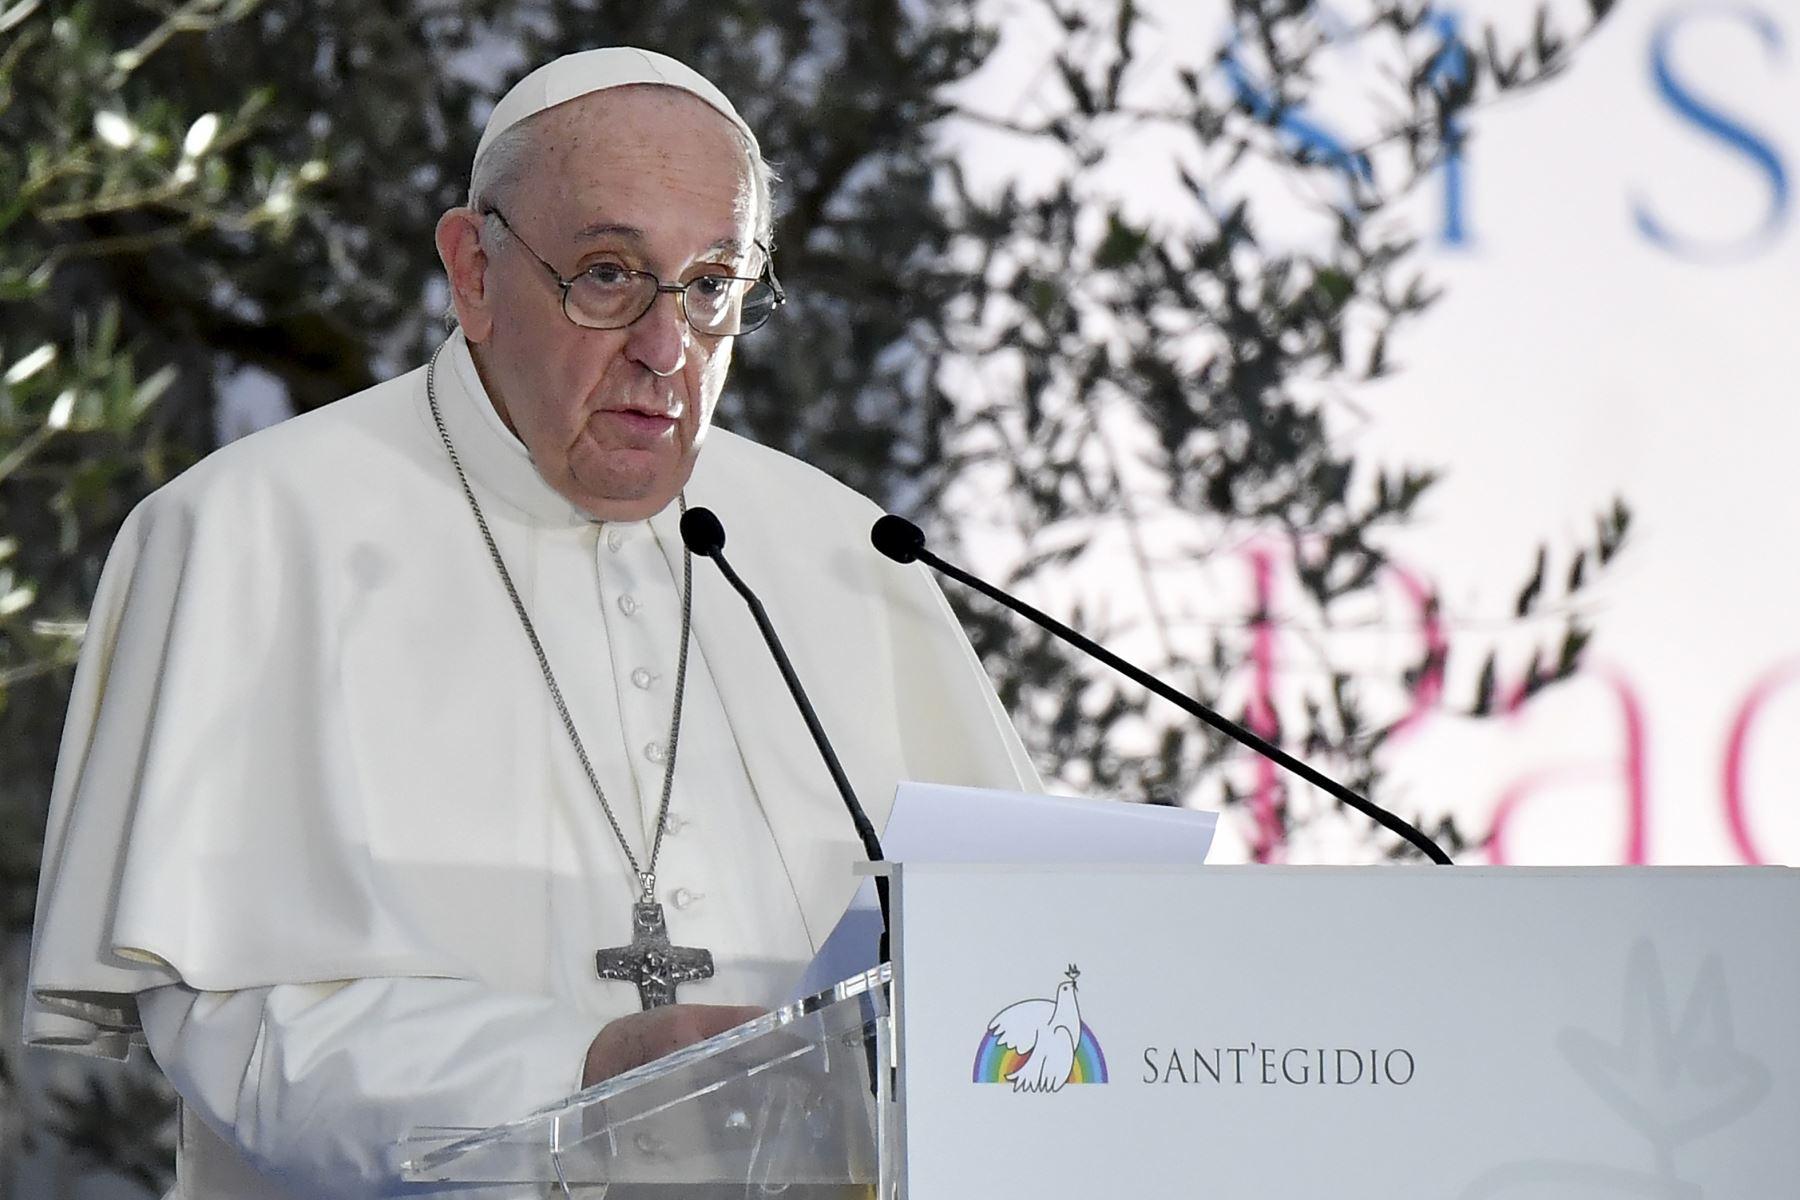 vaticano-confirma-que-el-papa-francisco-fue-vacunado-contra-la-covid-19